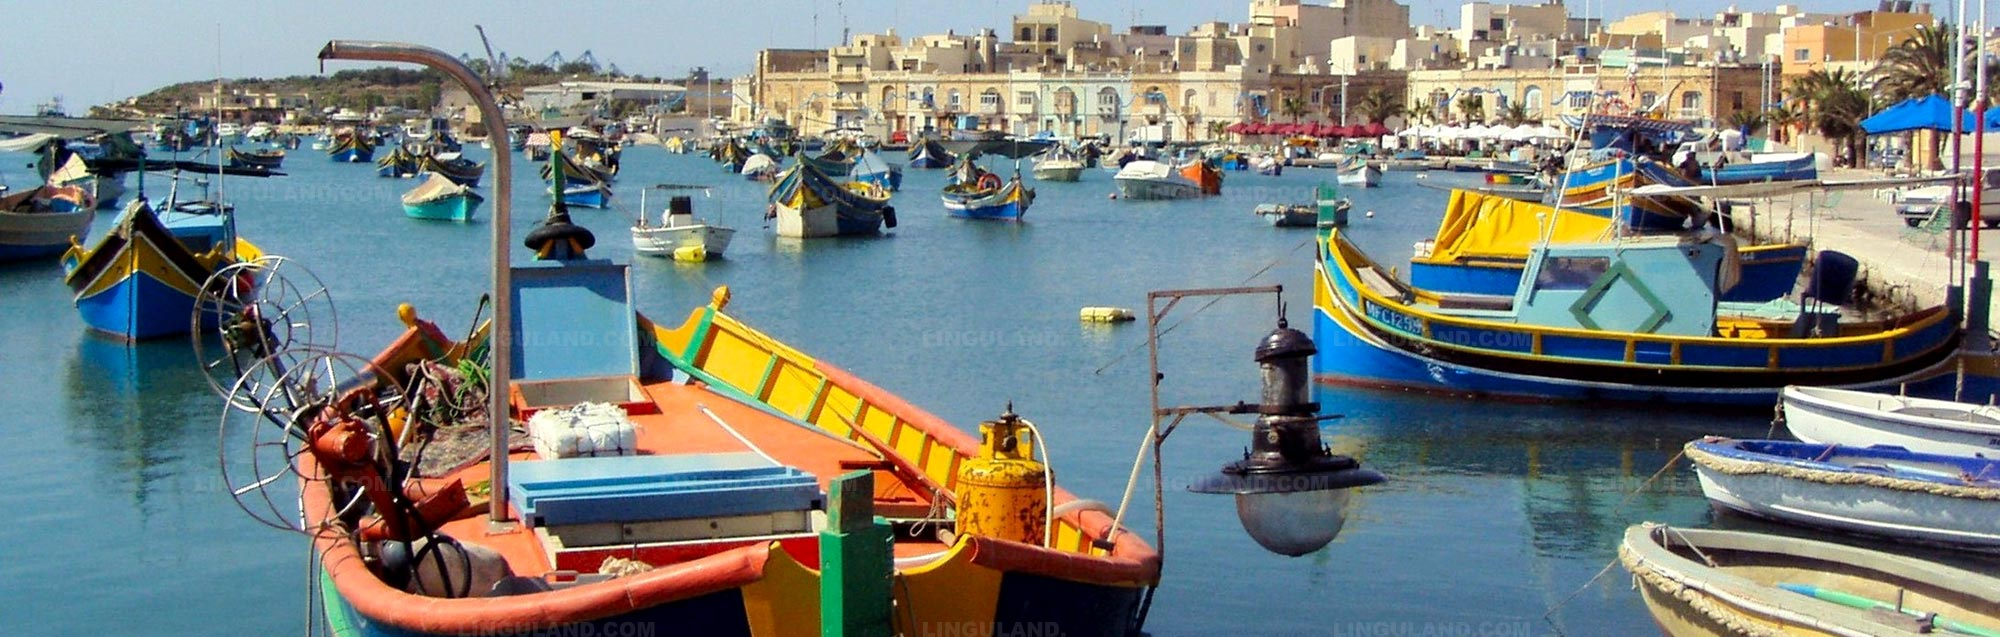 Scuole di lingua in Malta